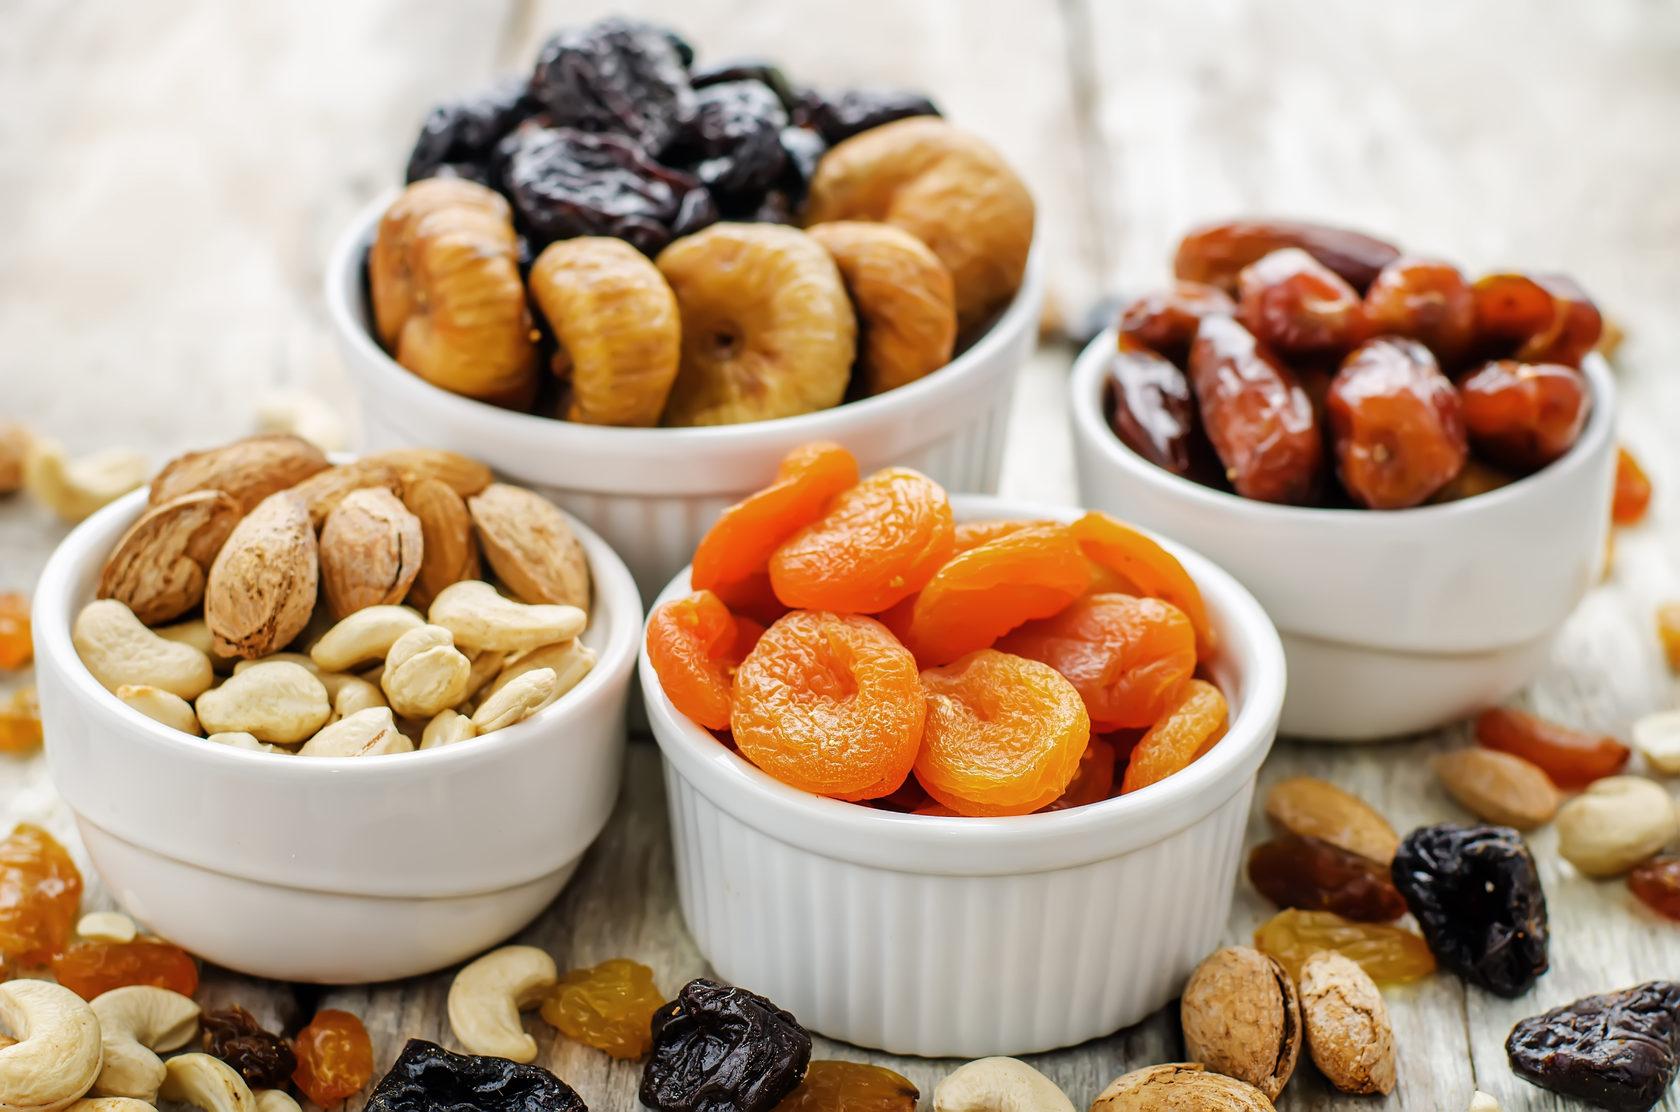 Орешки На Диете Какие Можно. Орехи в диете: польза или вред, какие можно есть при похудении